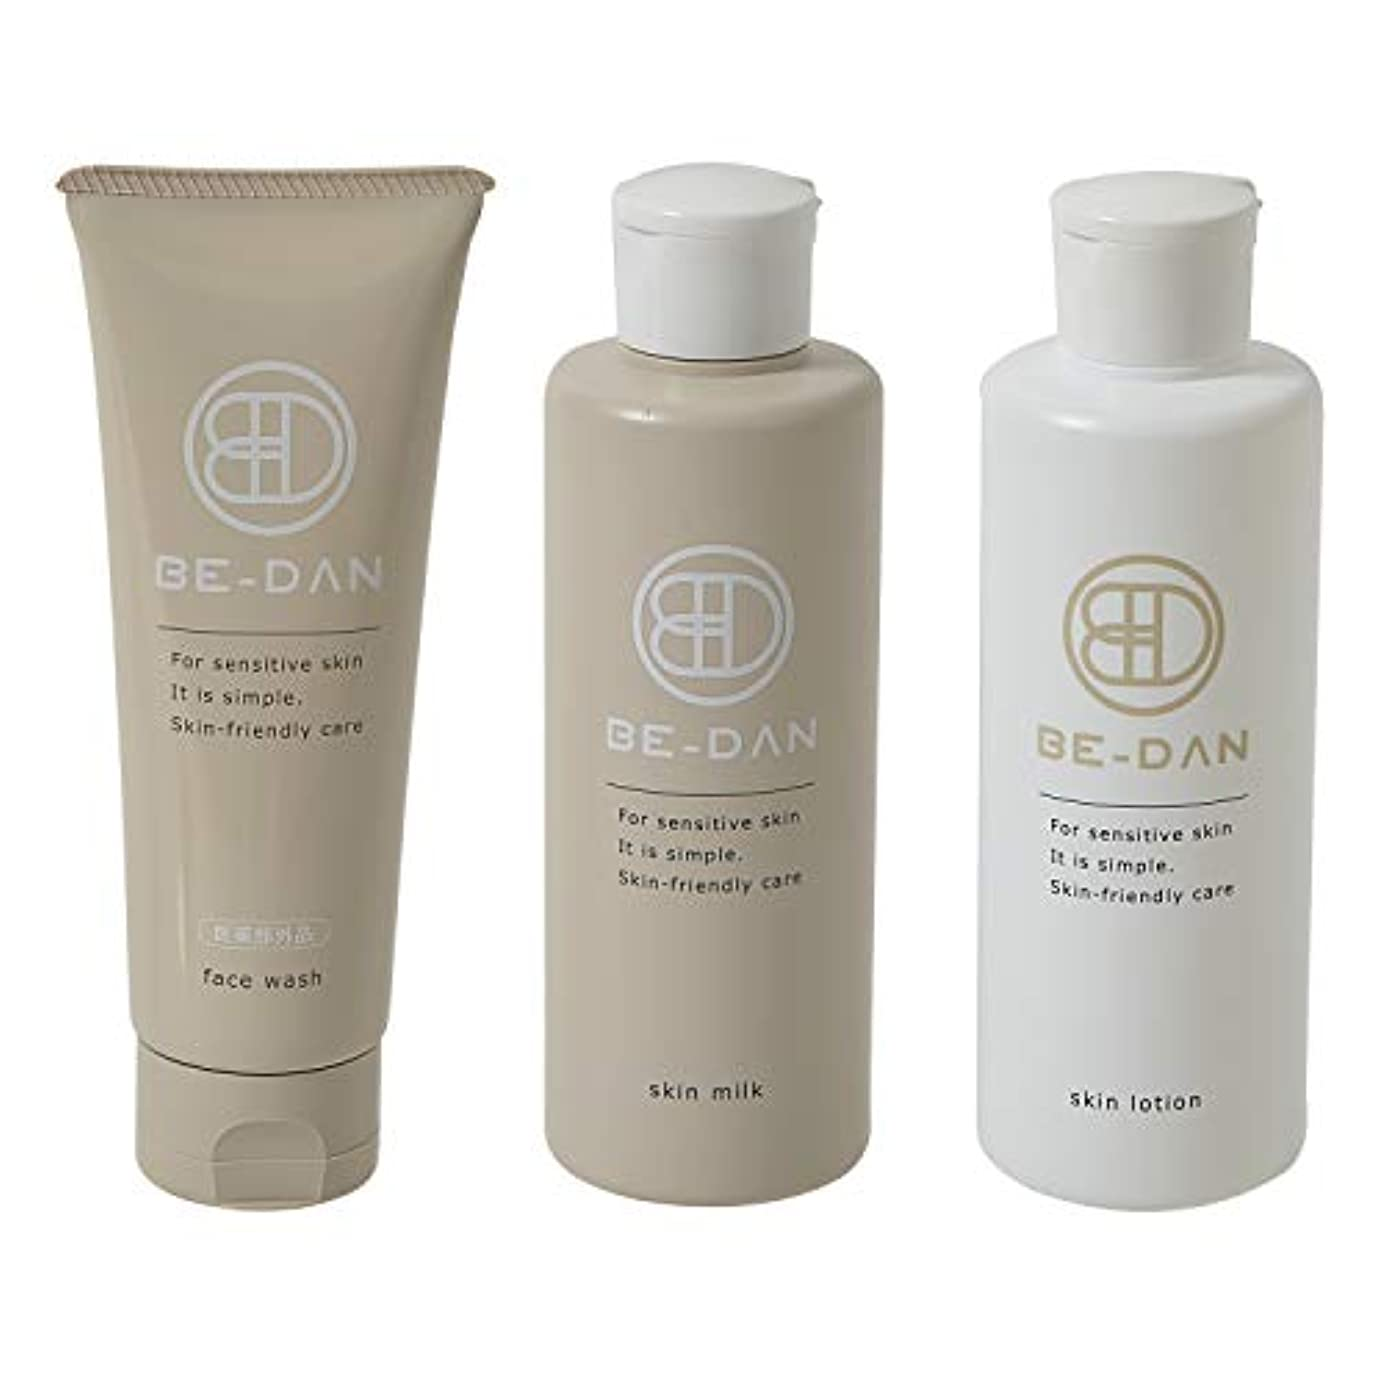 家庭教師帰る引くBE-DAN スキンケアセット(洗顔+化粧水+乳液)